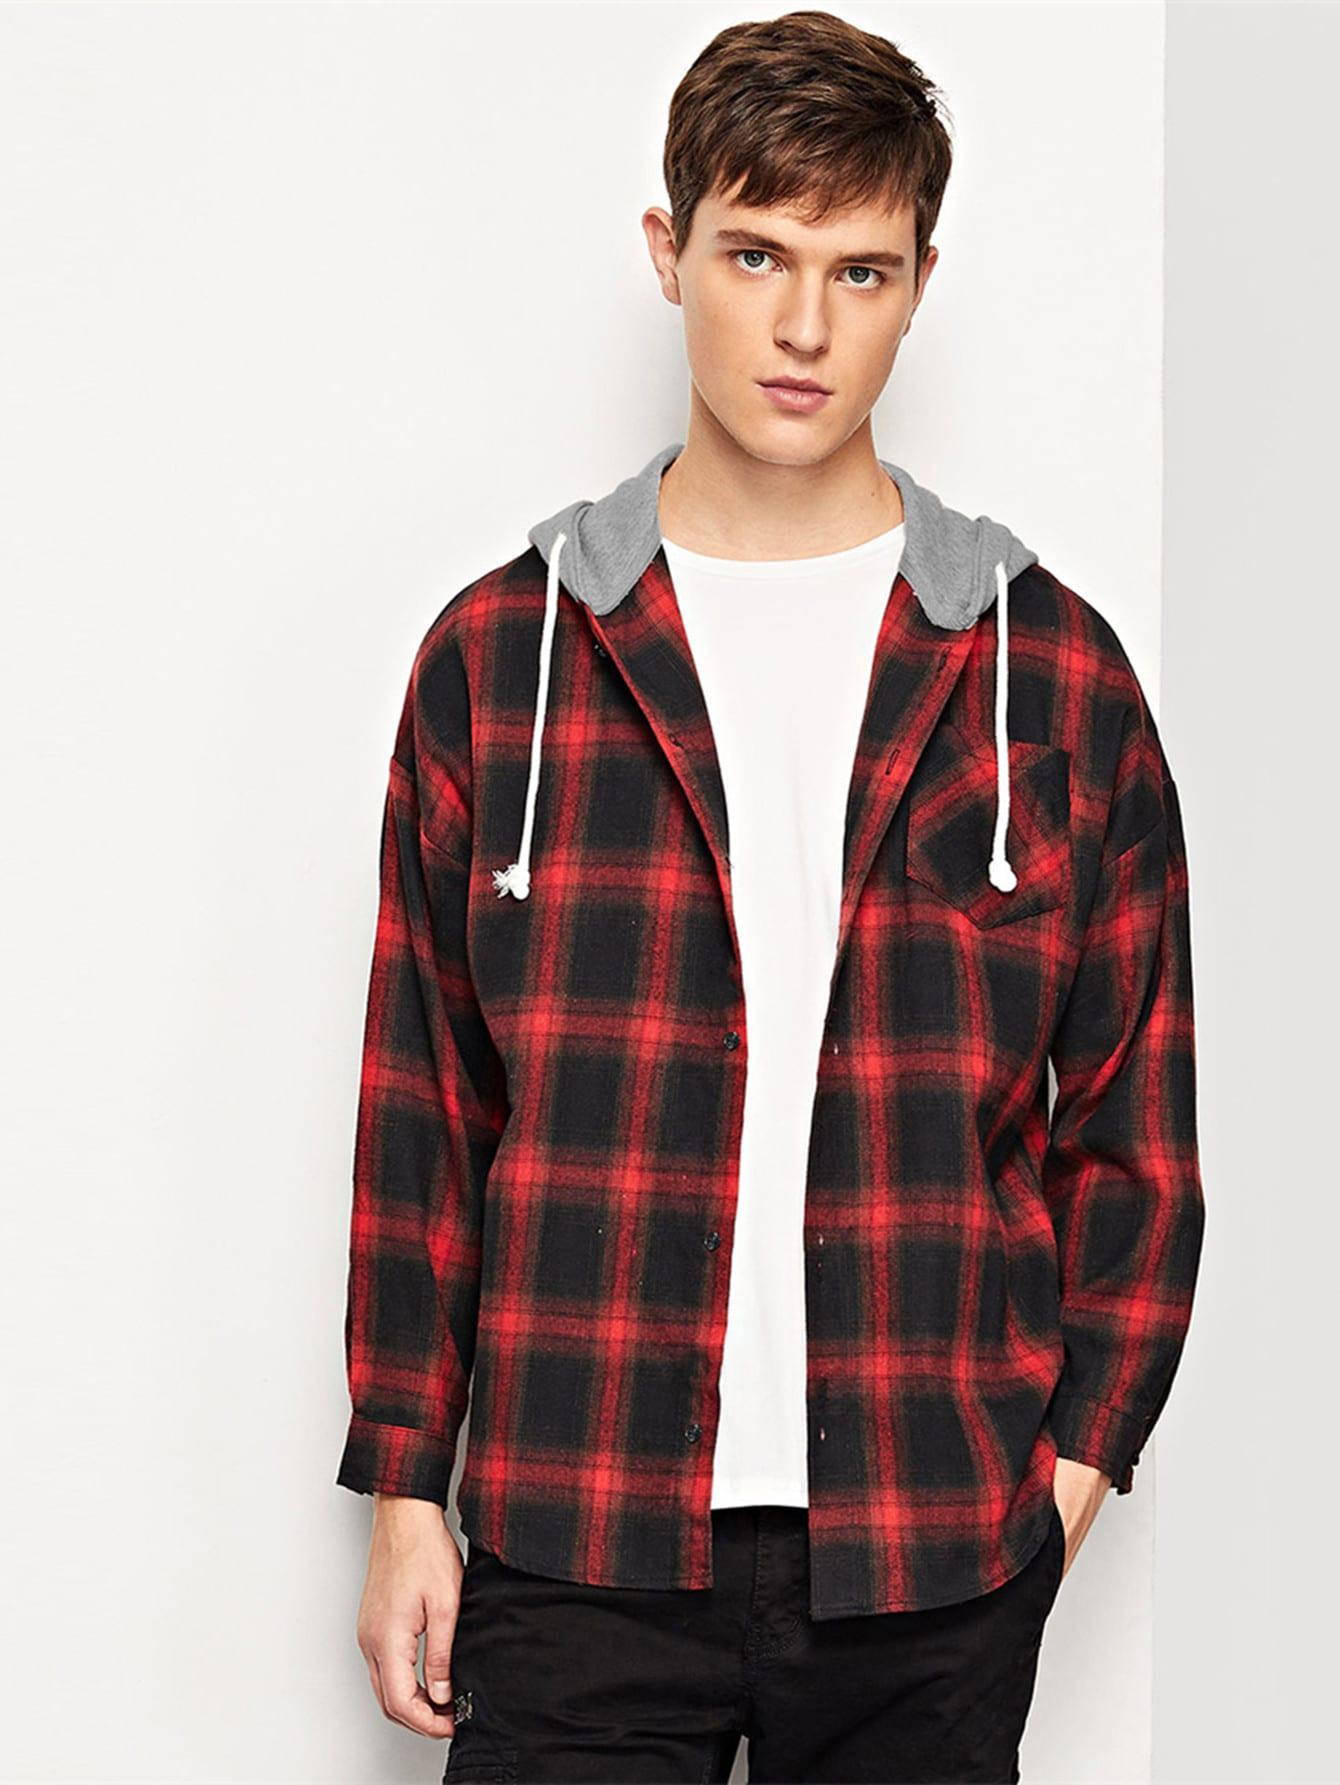 Купить Мужская футболка в клетку с капюшоном и кривой подол, Vitaly, SheIn